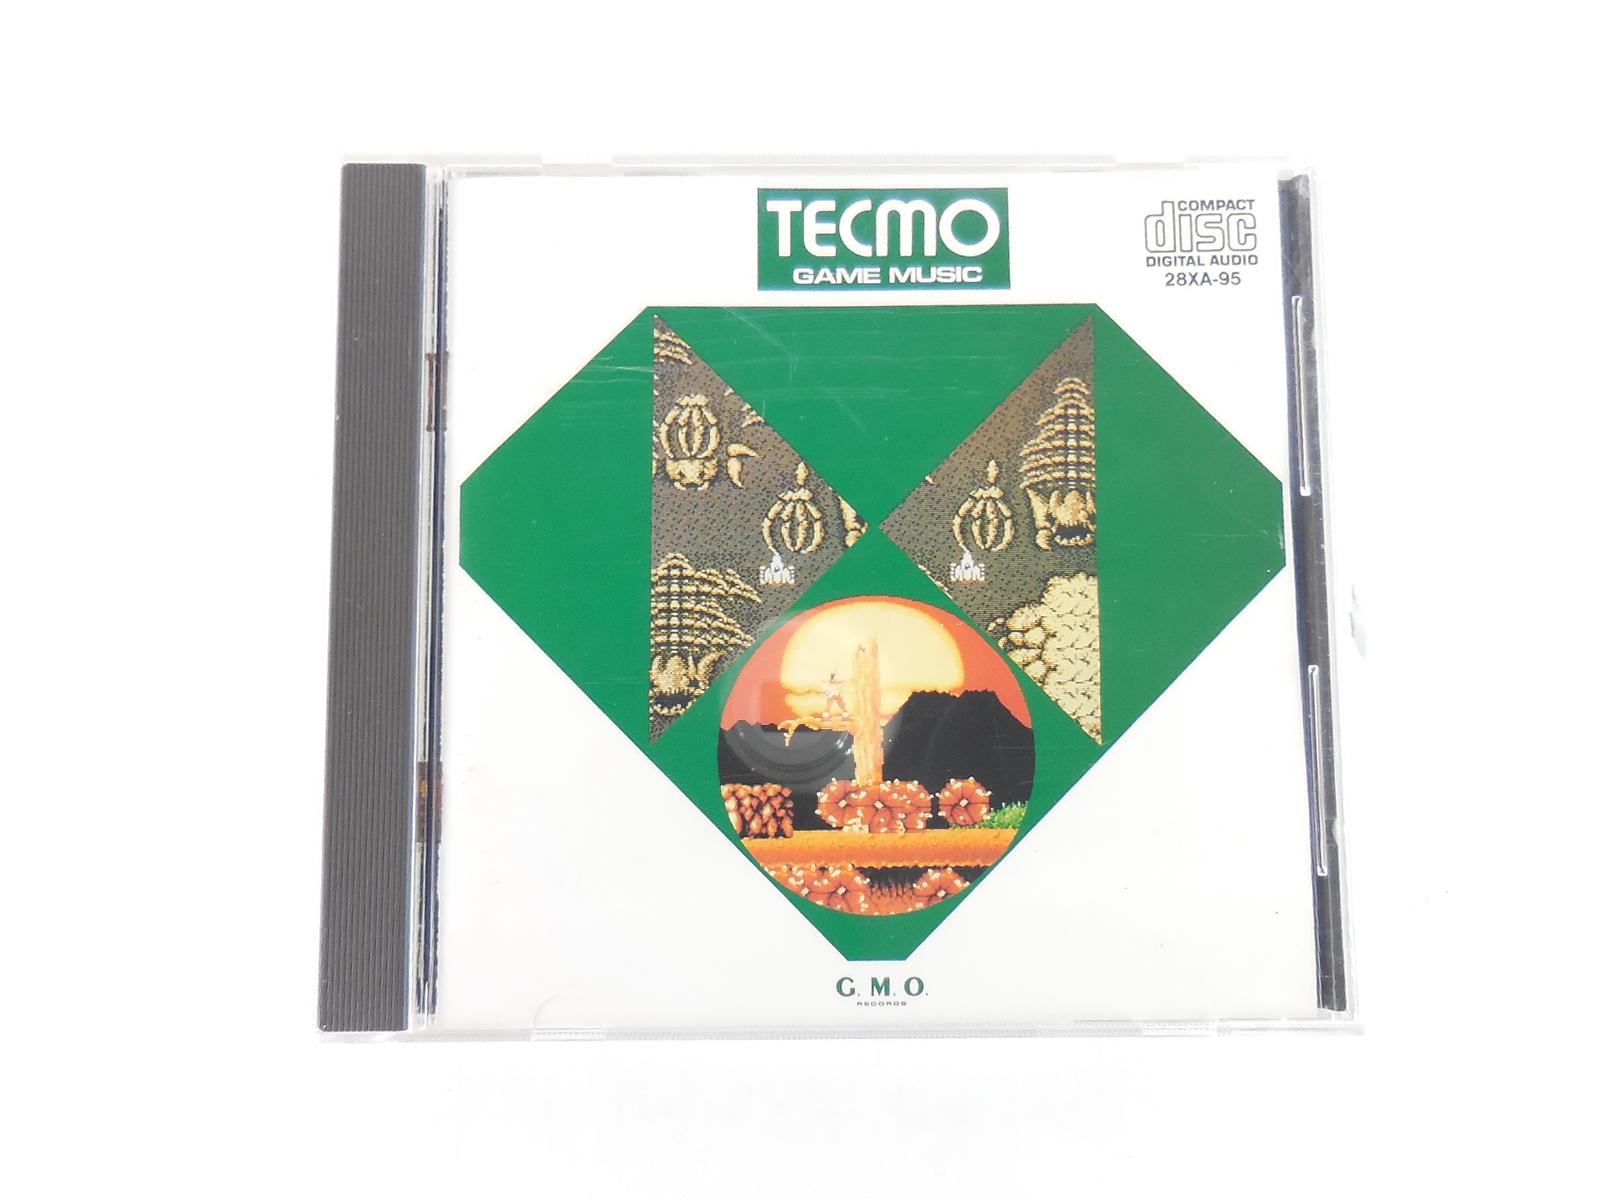 テクモ・ゲーム・ミュージック アルファーレコード 28XA-95 【CD】